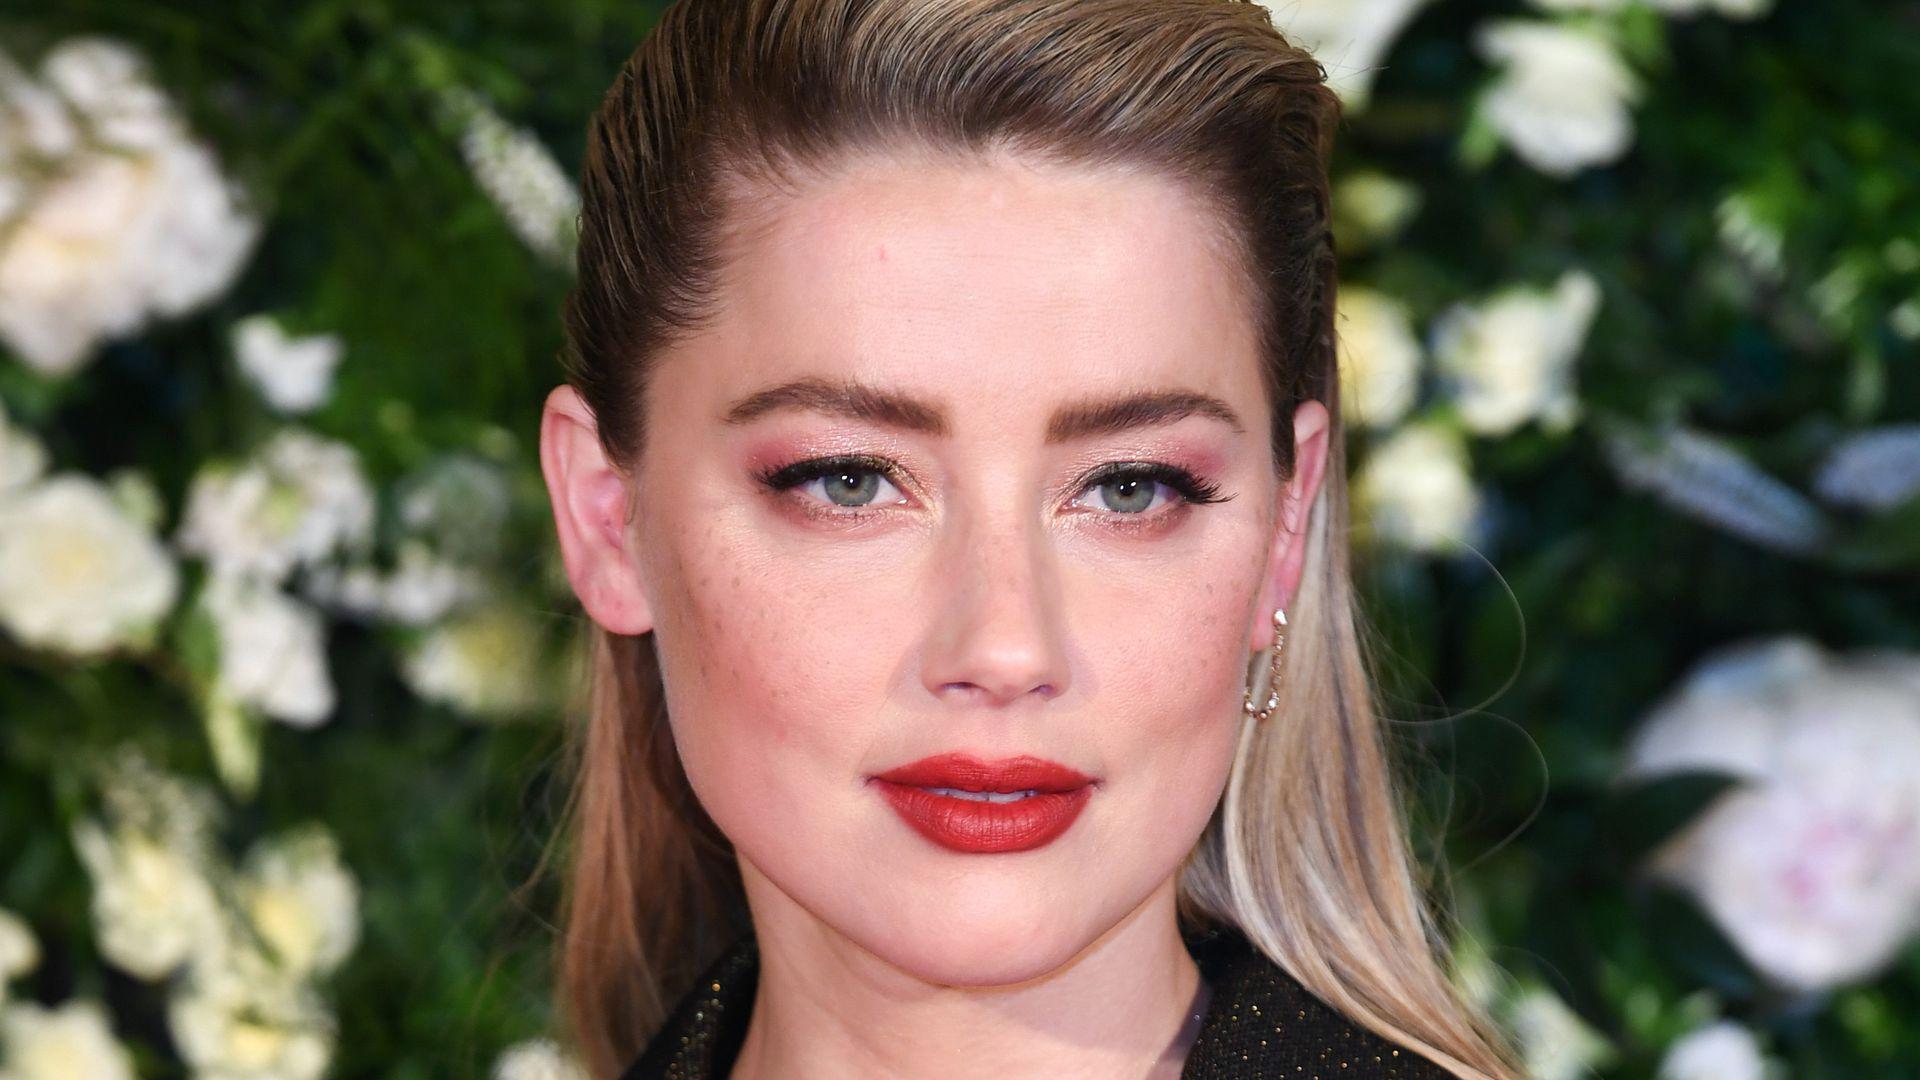 Veröffentlichte Nackt-Pics: Amber Heard will strenge